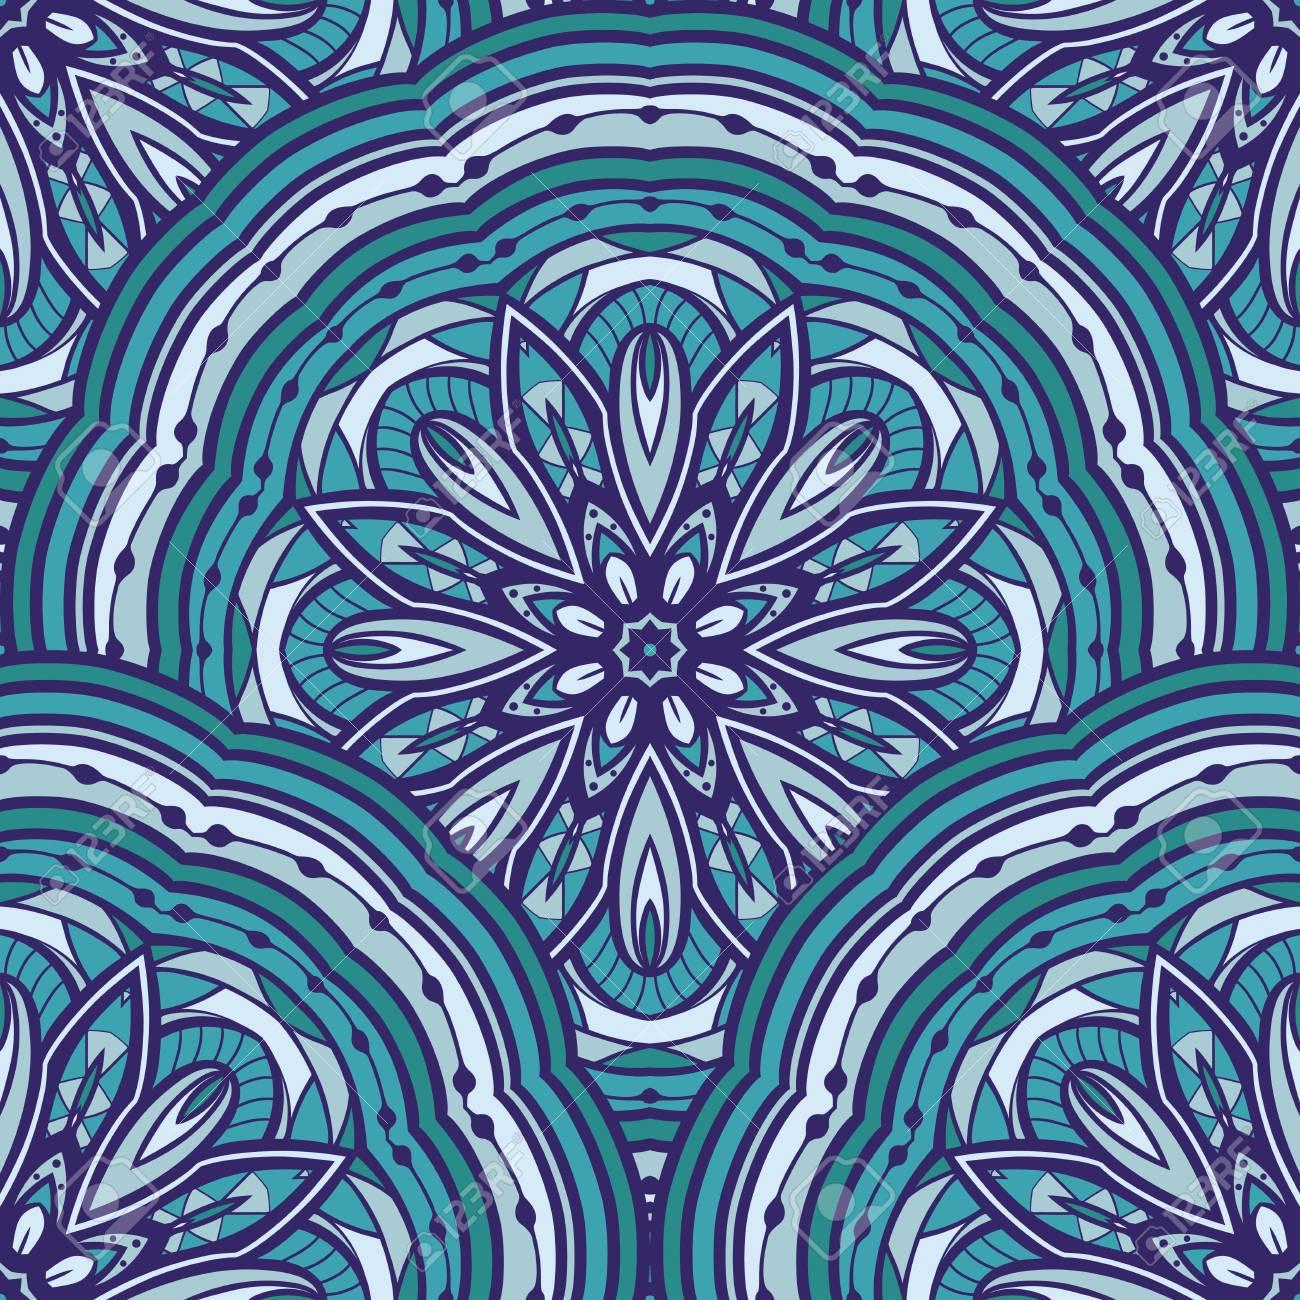 Azul Sin Patrón De Mandalas Ornamento De Elementos Decorativos